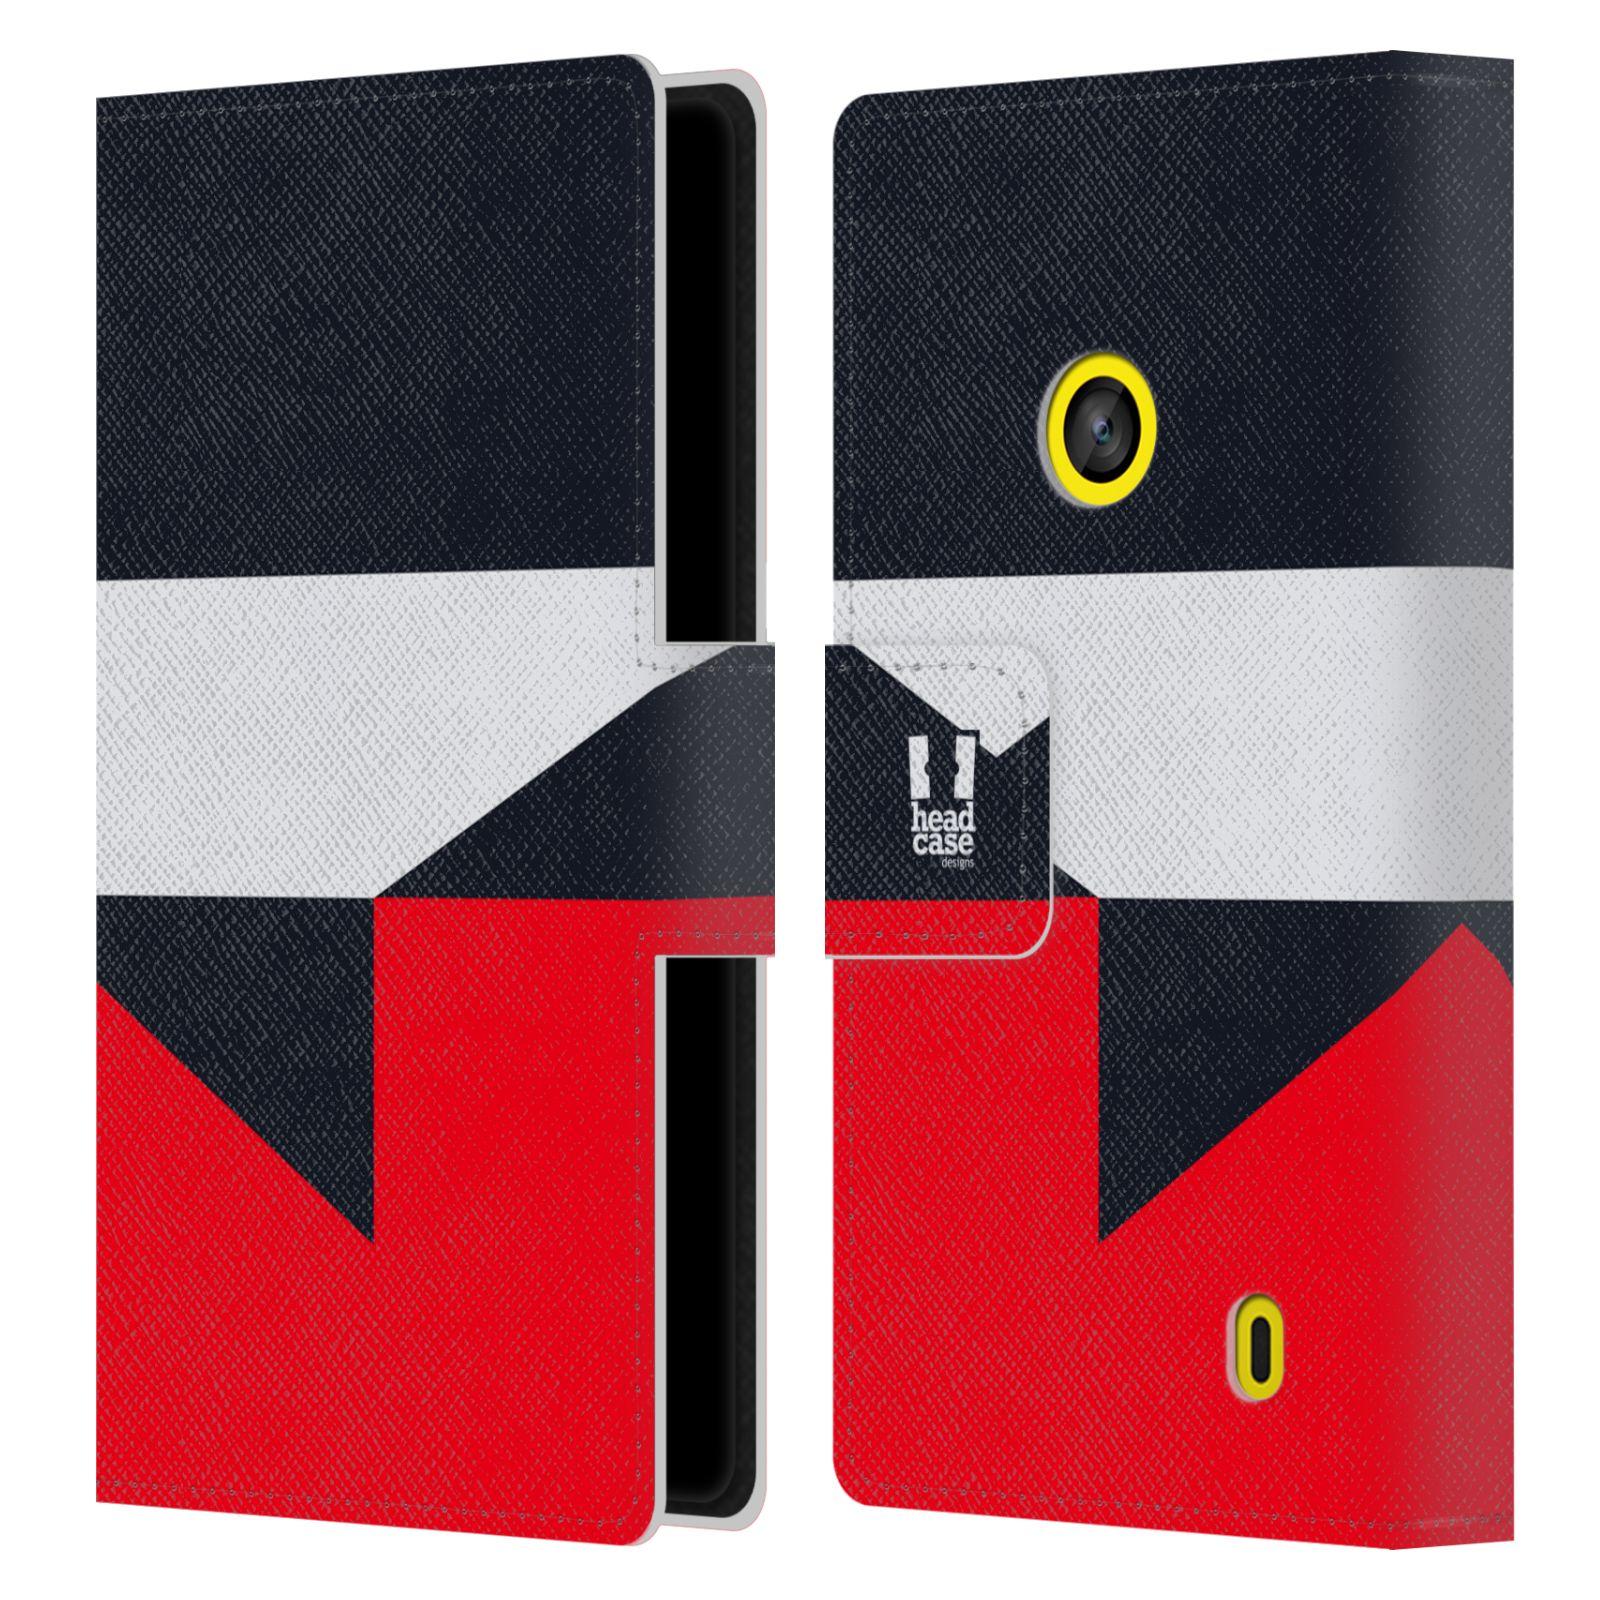 HEAD CASE Flipové pouzdro pro mobil Nokia LUMIA 520/525 barevné tvary černá a červená gejša